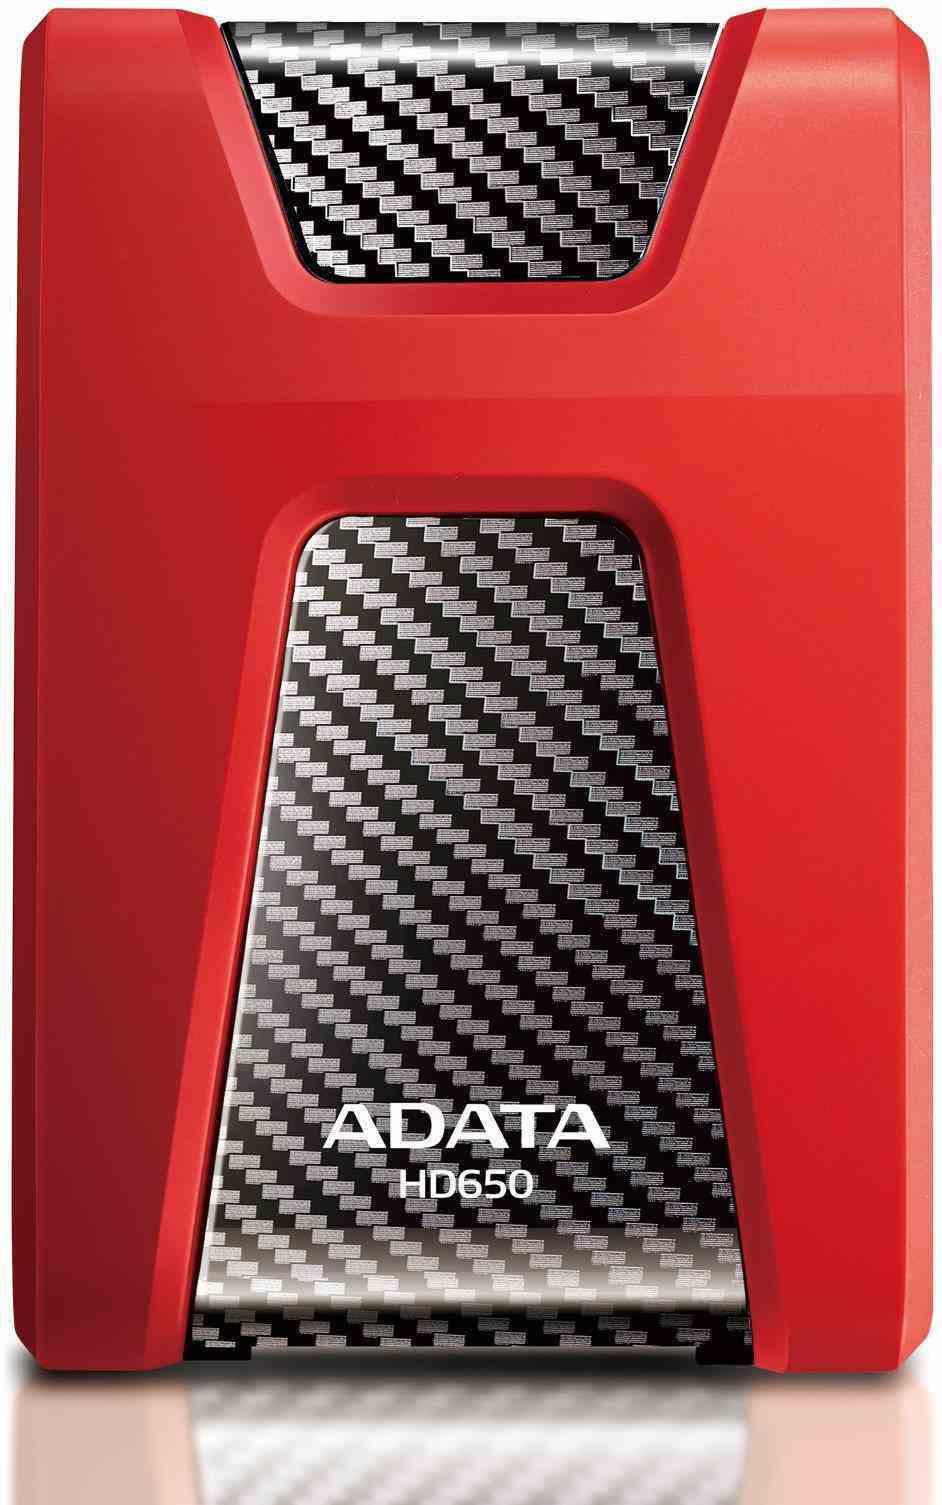 """ADATA Externí HDD 1TB 2,5"""" USB 3.1 DashDrive Durable HD650, červený (gumový, nárazu odolný)"""